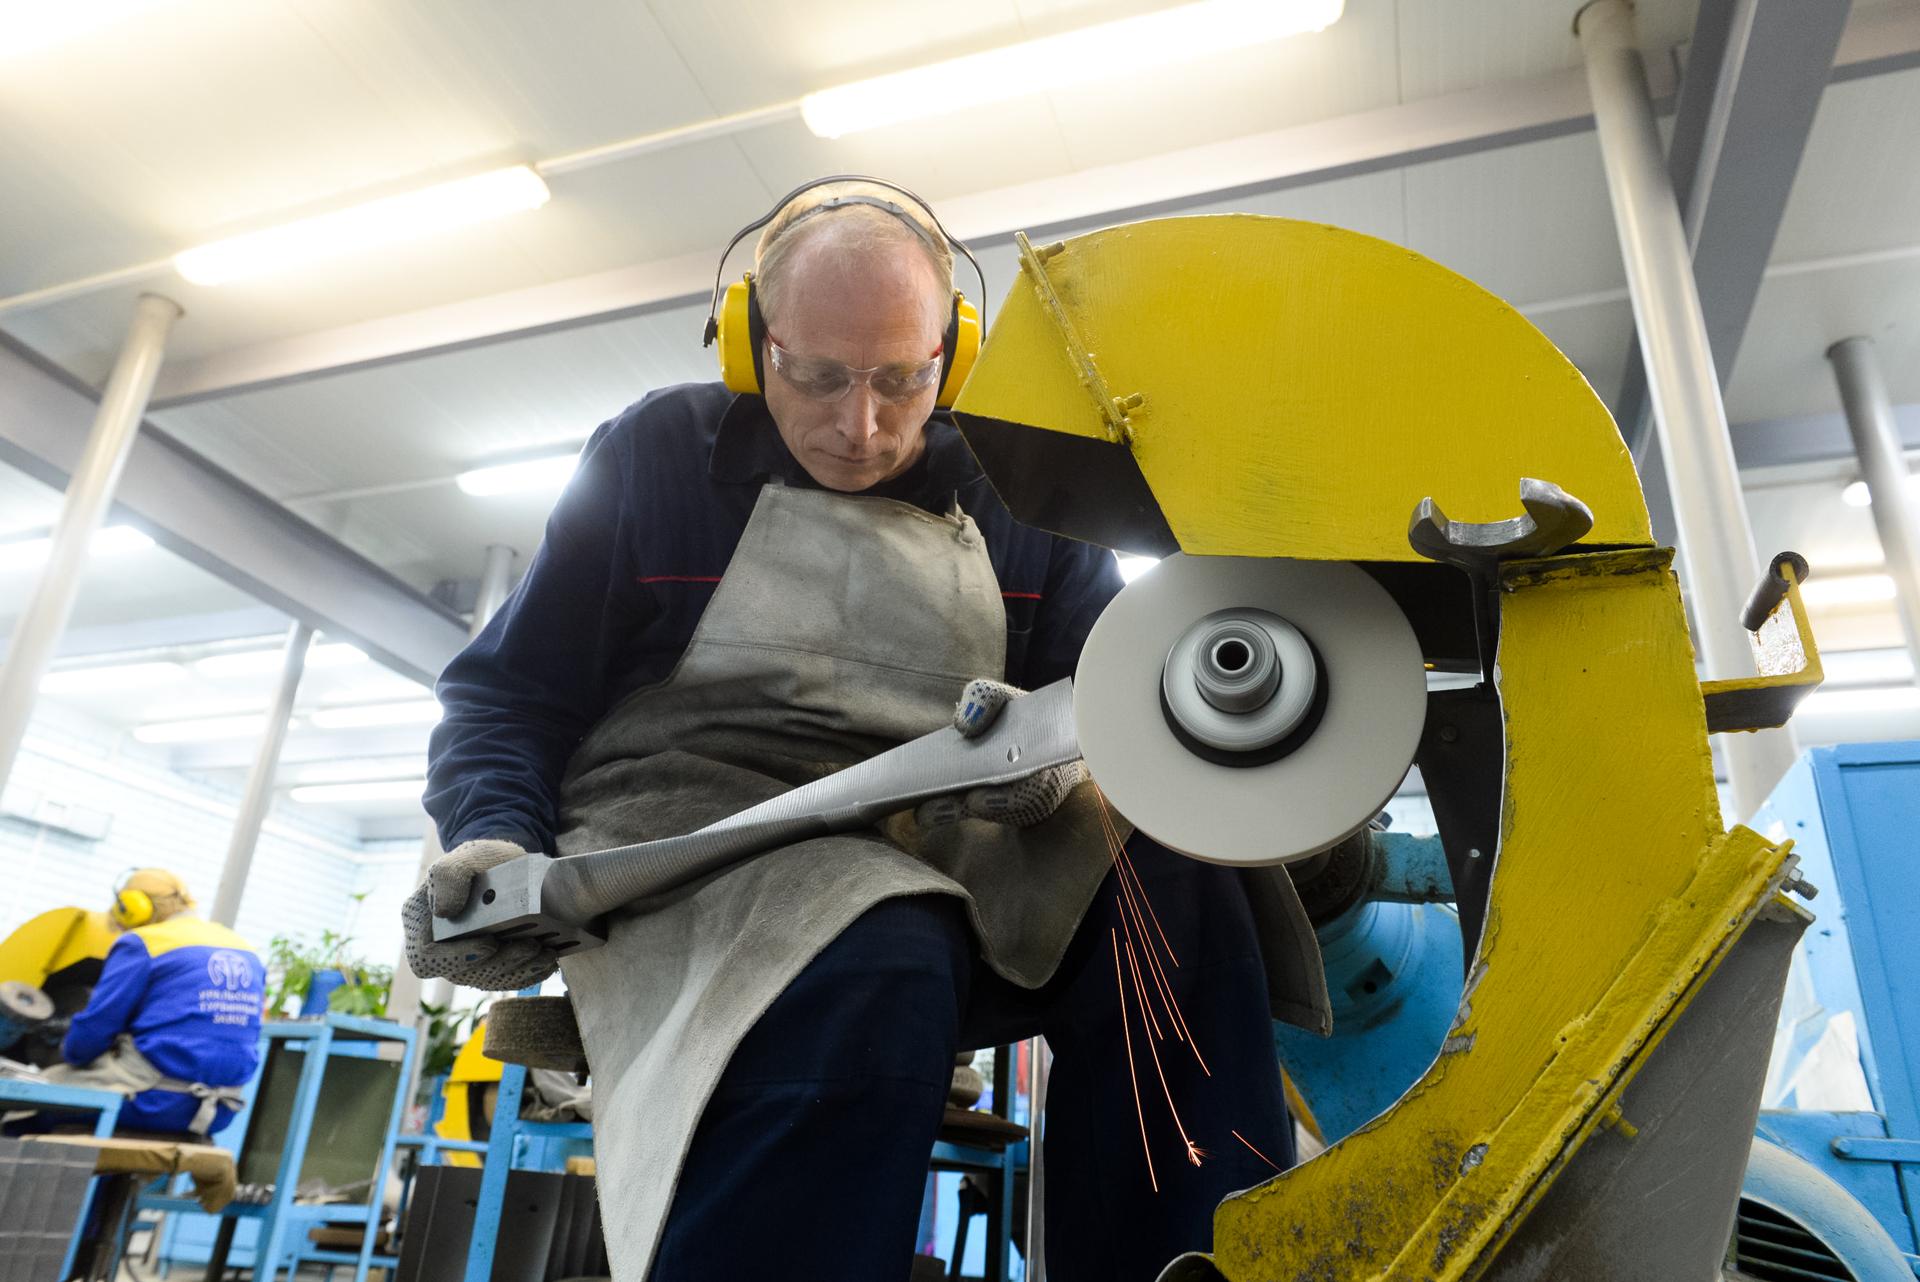 Полировка лопаток турбины, которую выполняет Денис Погорельский, — очень ответственная операция<br>